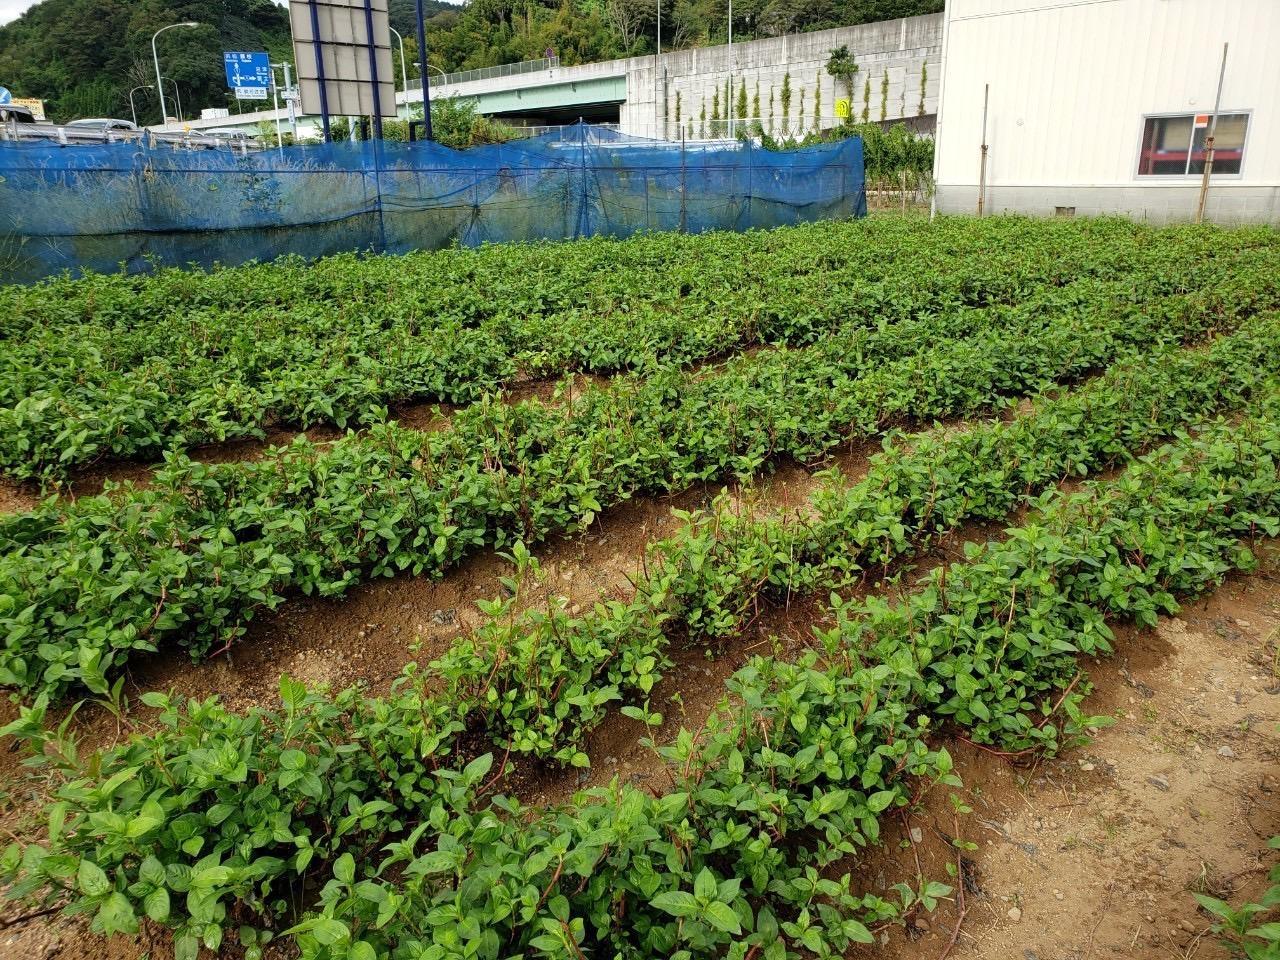 静岡藍:藍の生命力!9月中旬、そろそろ二番刈りもできそうな予感